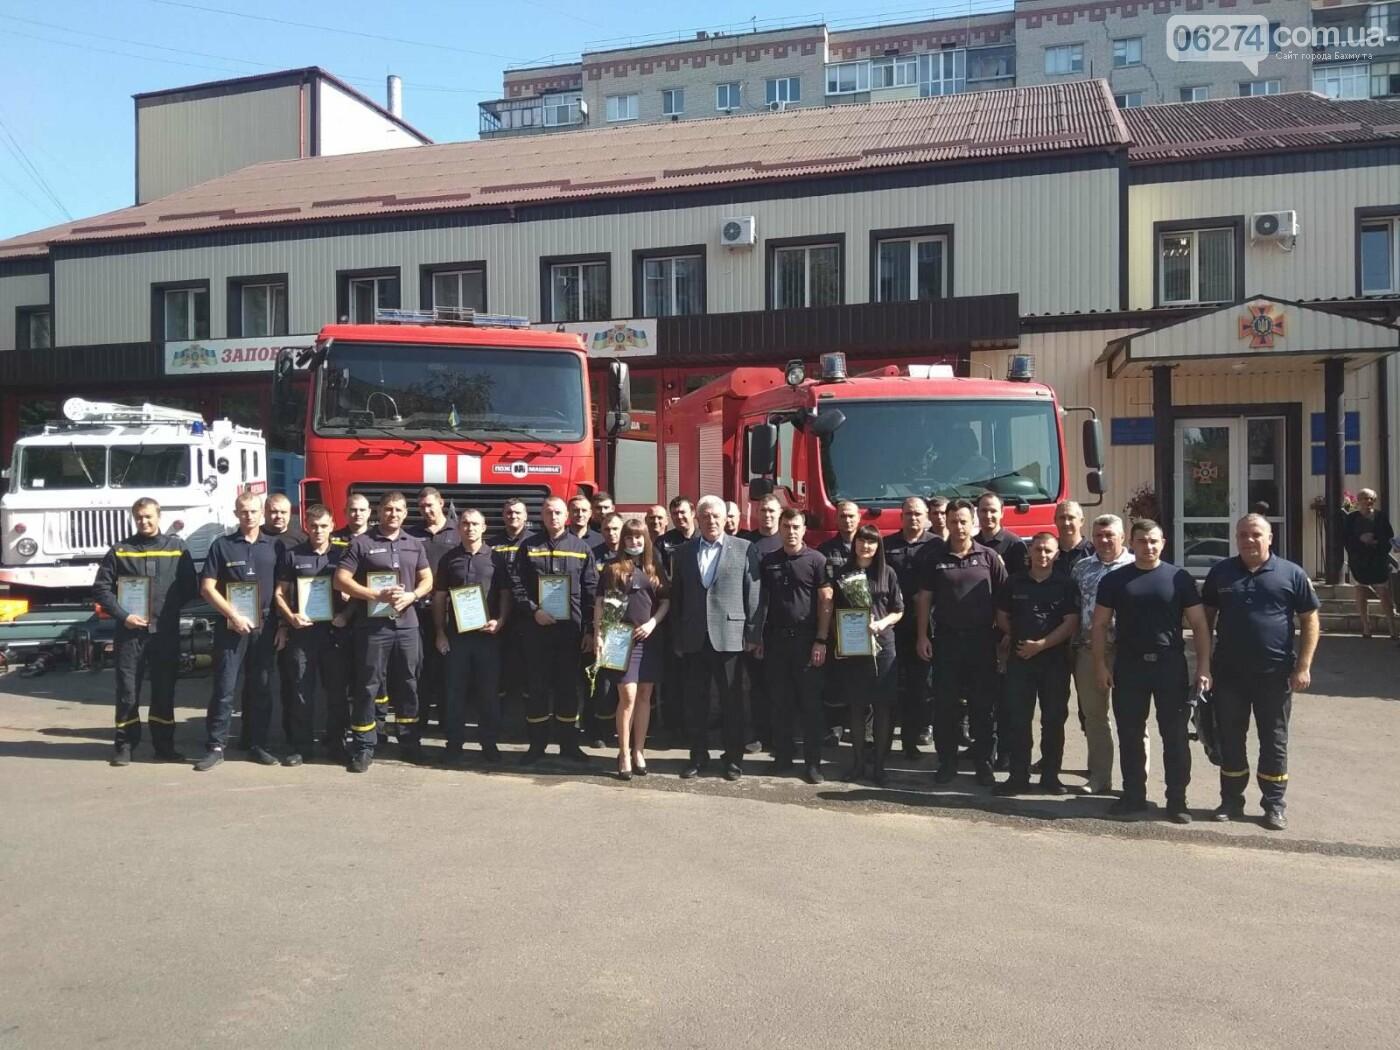 Городской голова поздравил с профессиональным праздником спасателей 8-го ГПСО ГУ ГСЧС Украины, фото-5